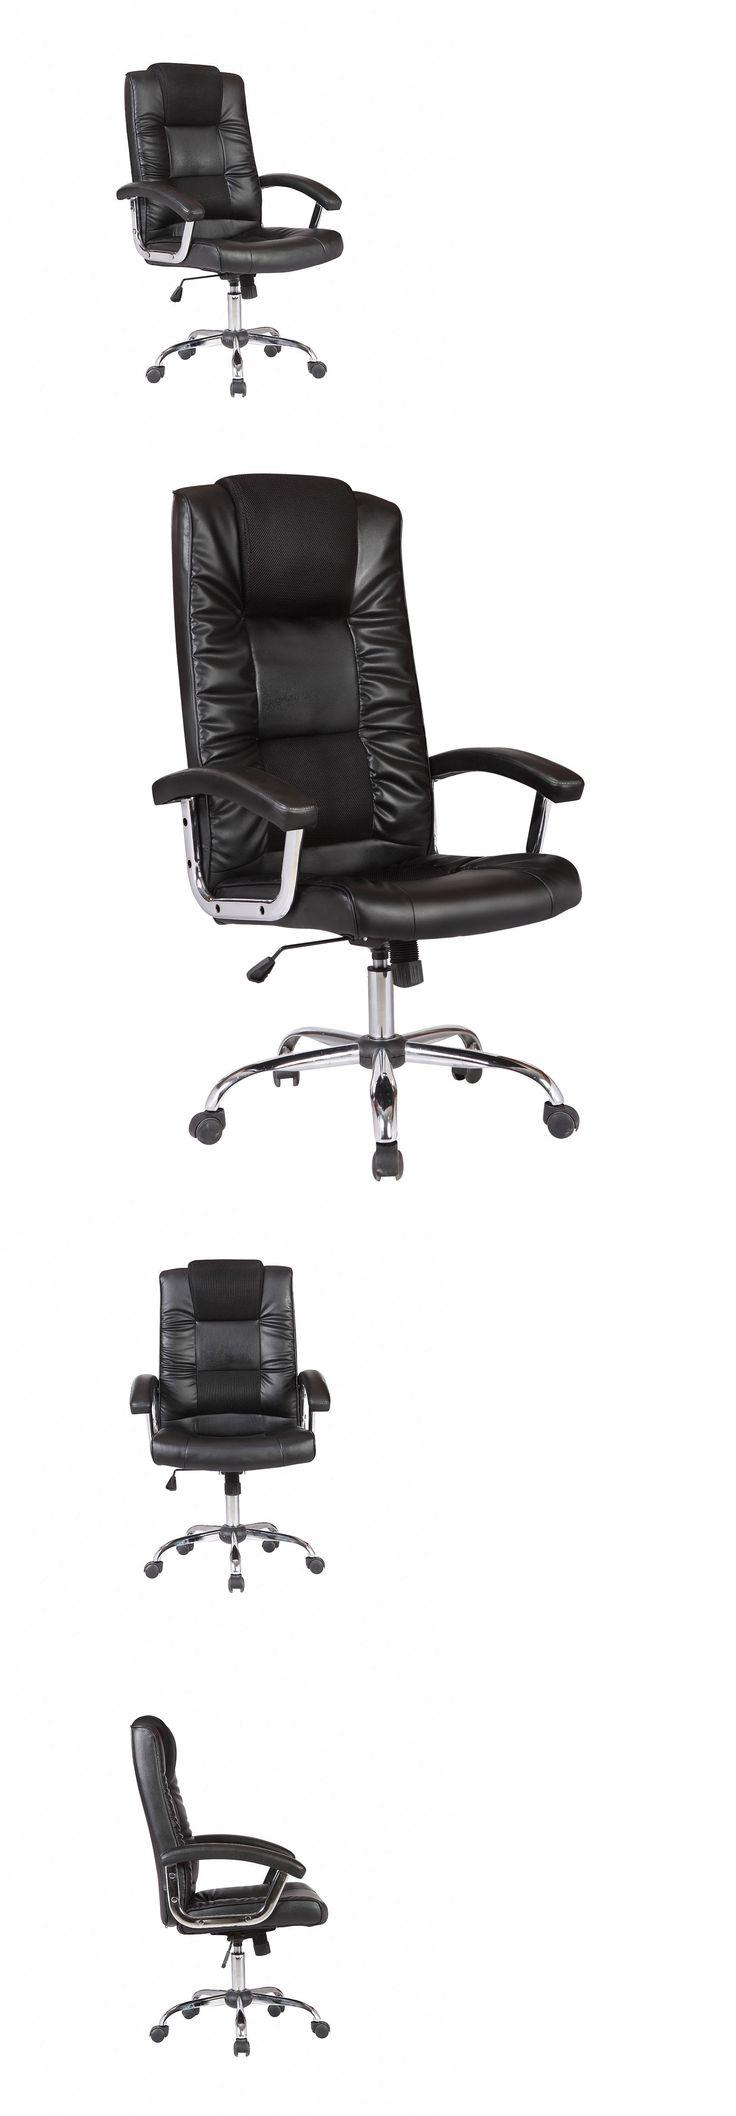 Varidesk exec 40 review varidesk pro desk 60 darkwood review workfit t - Office Furniture Ergonomic Back Adjustable Office Chair Pu Leather Computer Desk Furniture Black